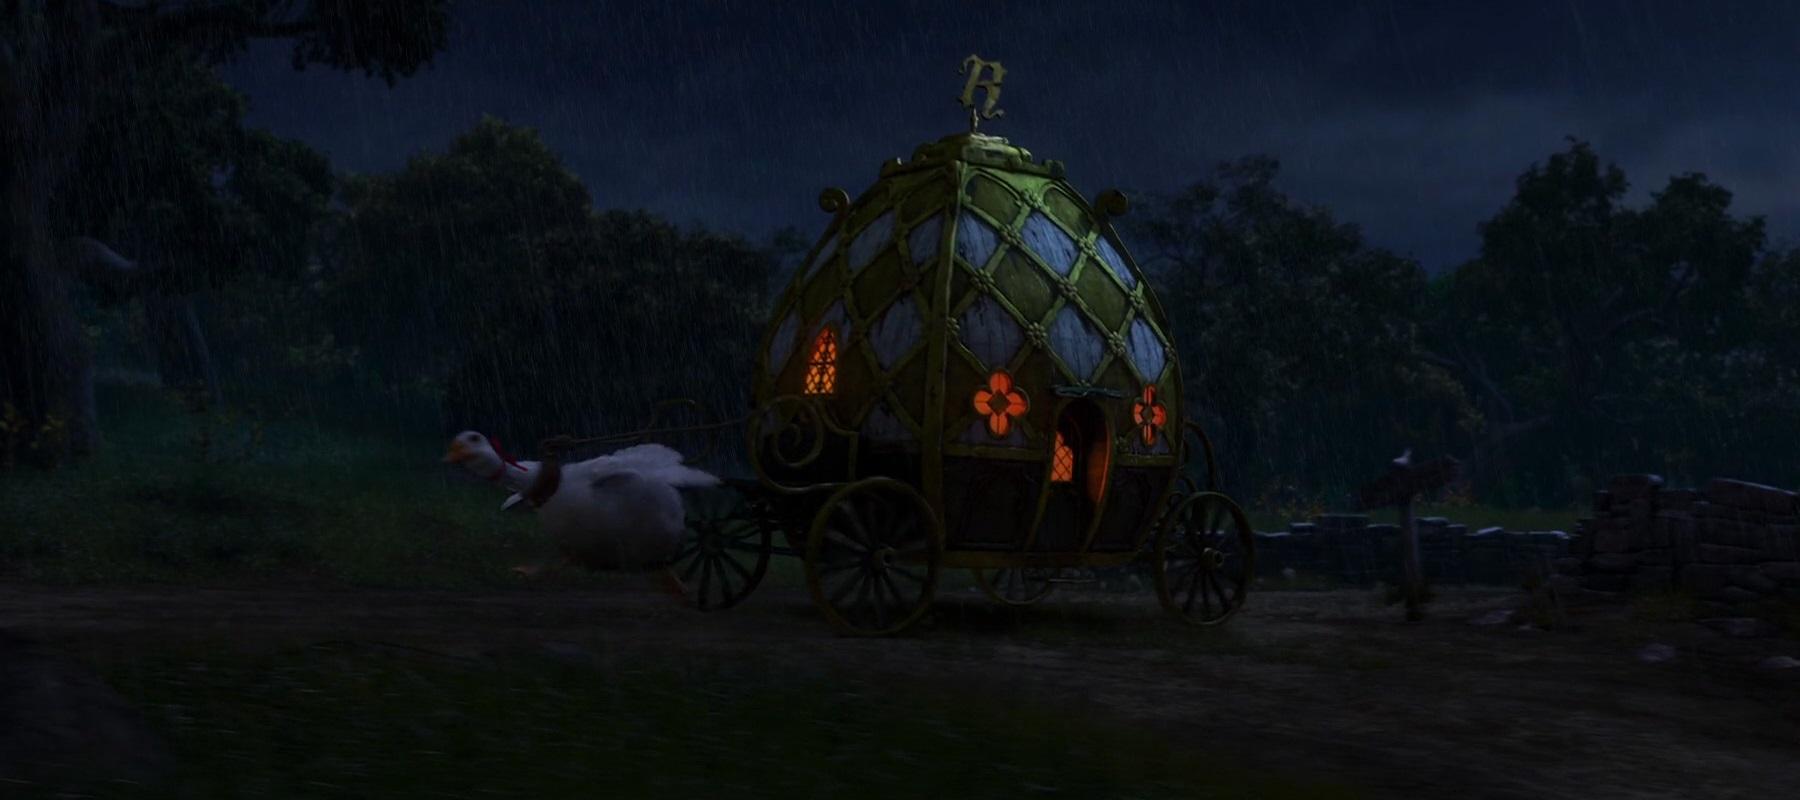 Rumpelstiltskin's Carriage